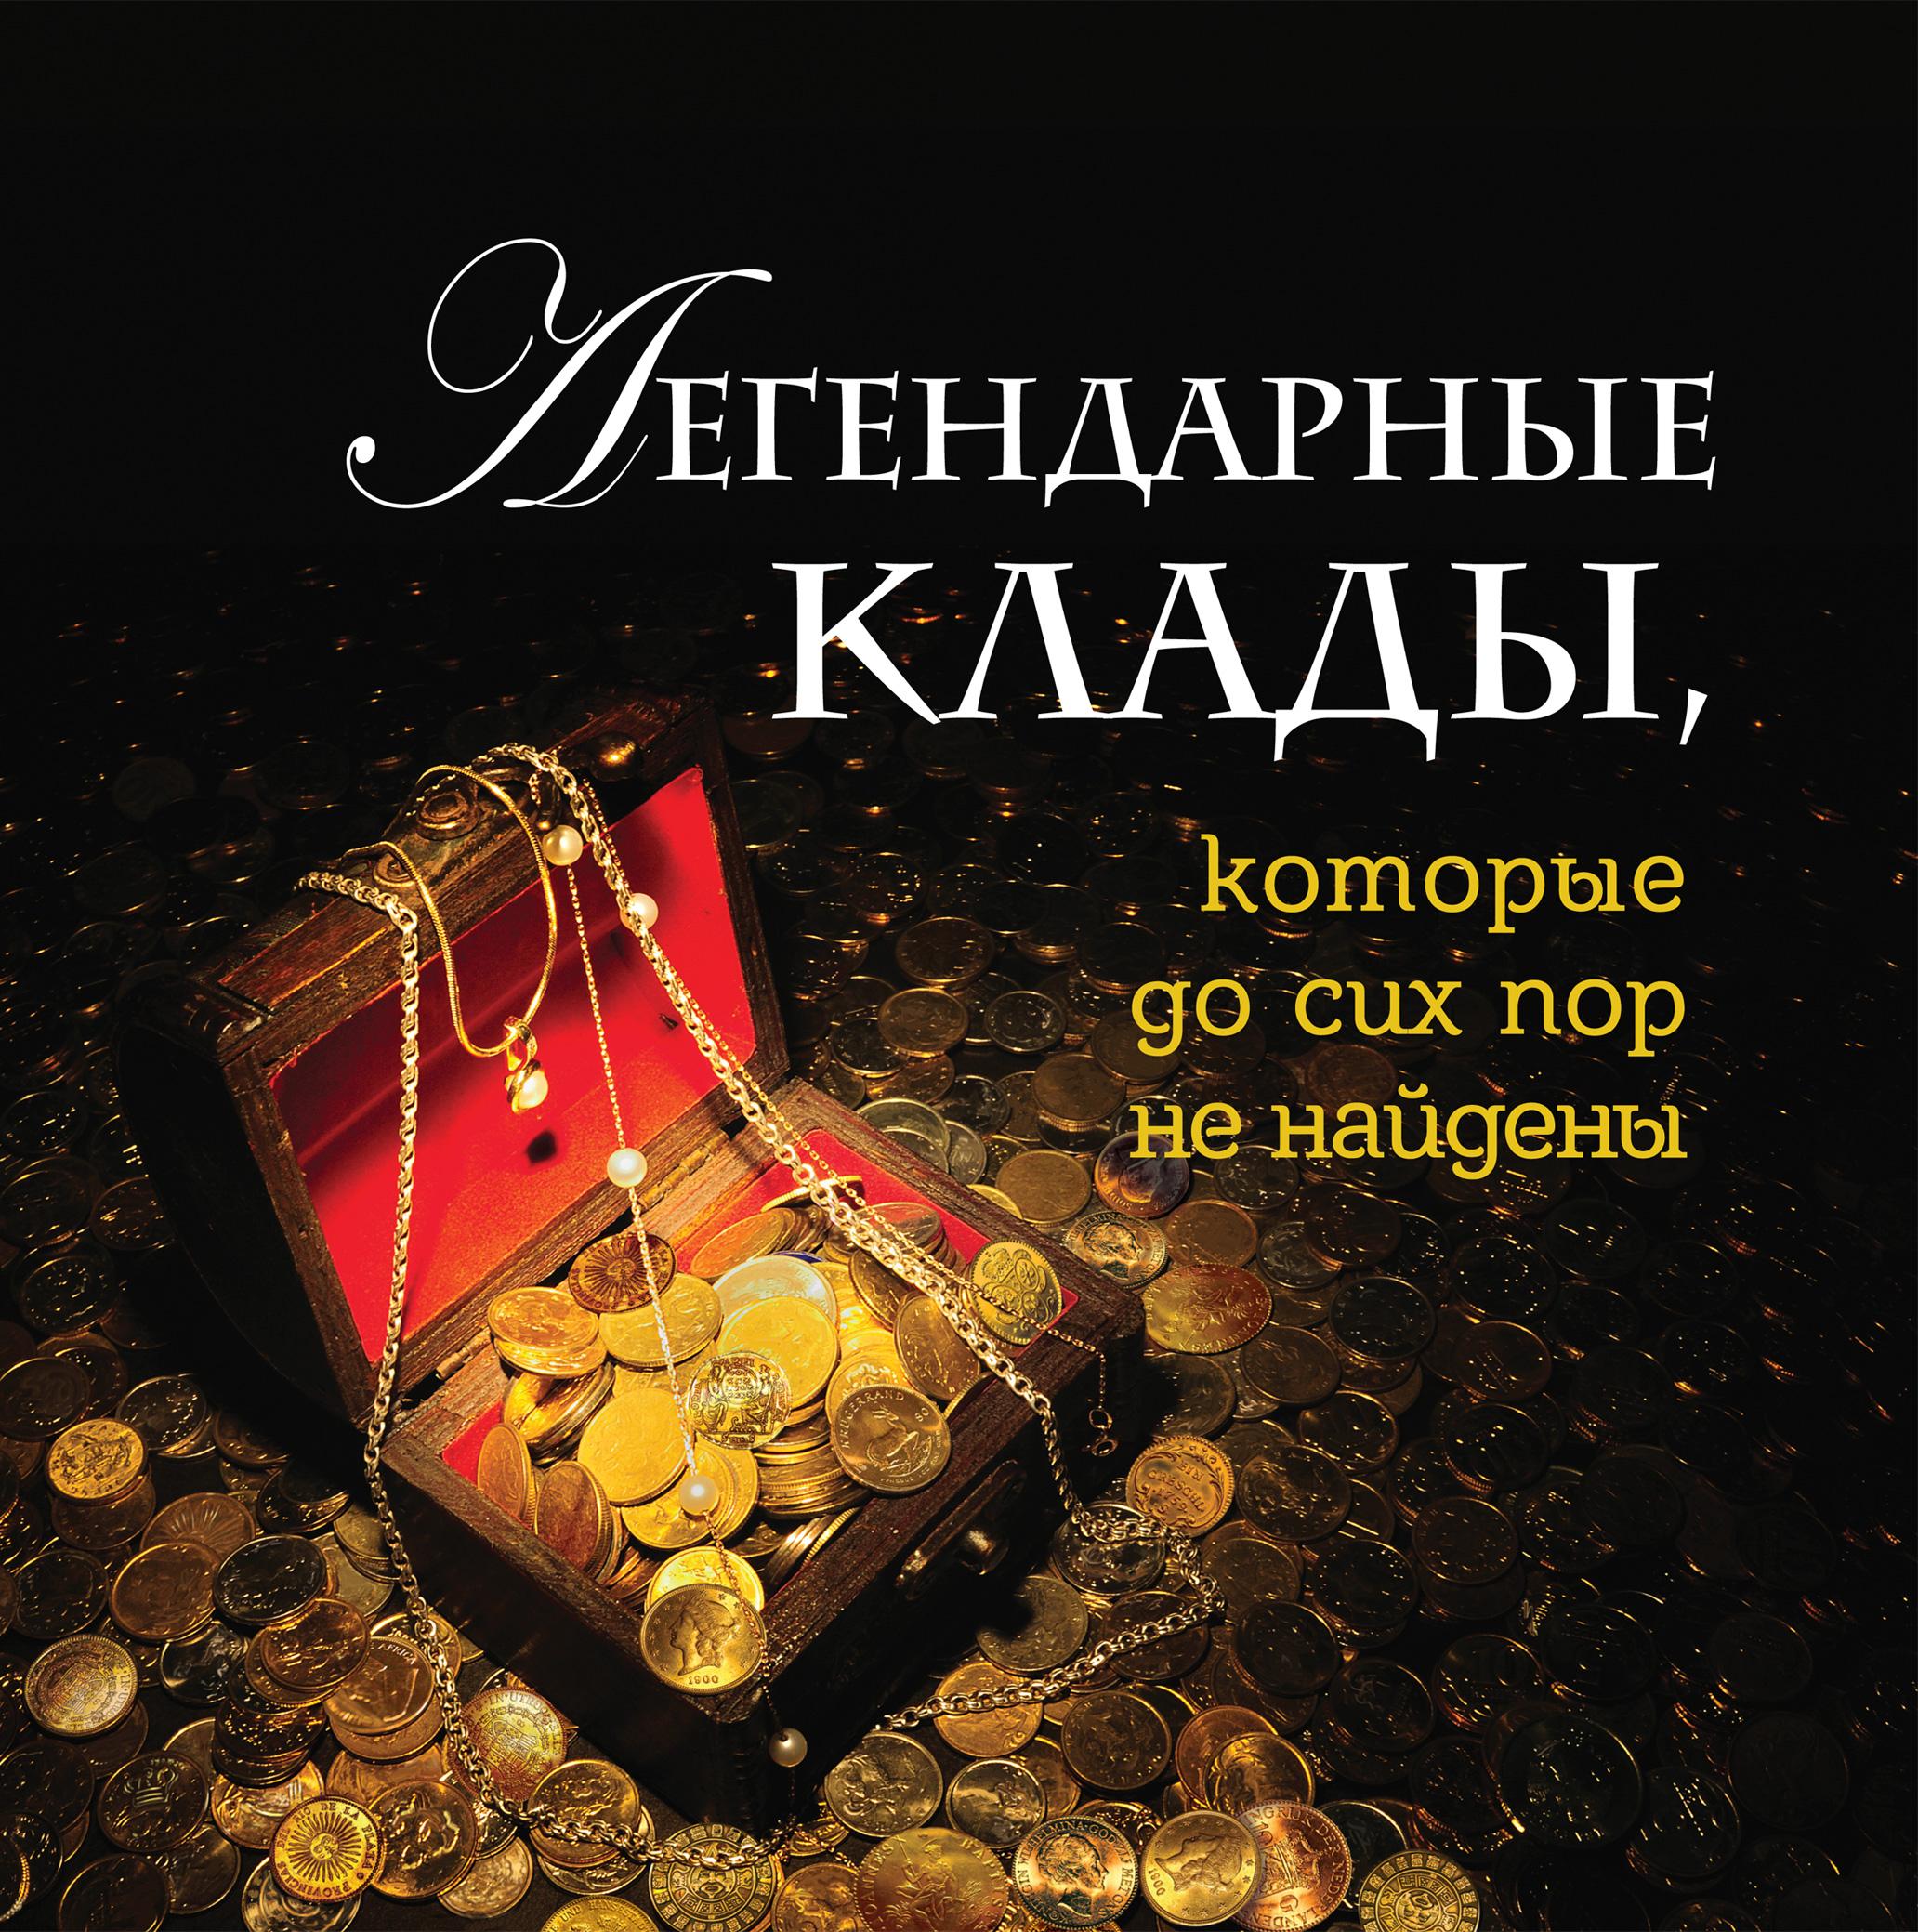 Купить Легендарные клады, которые до сих пор не найдены, Андрей Колесник, 978-5-699-69022-0